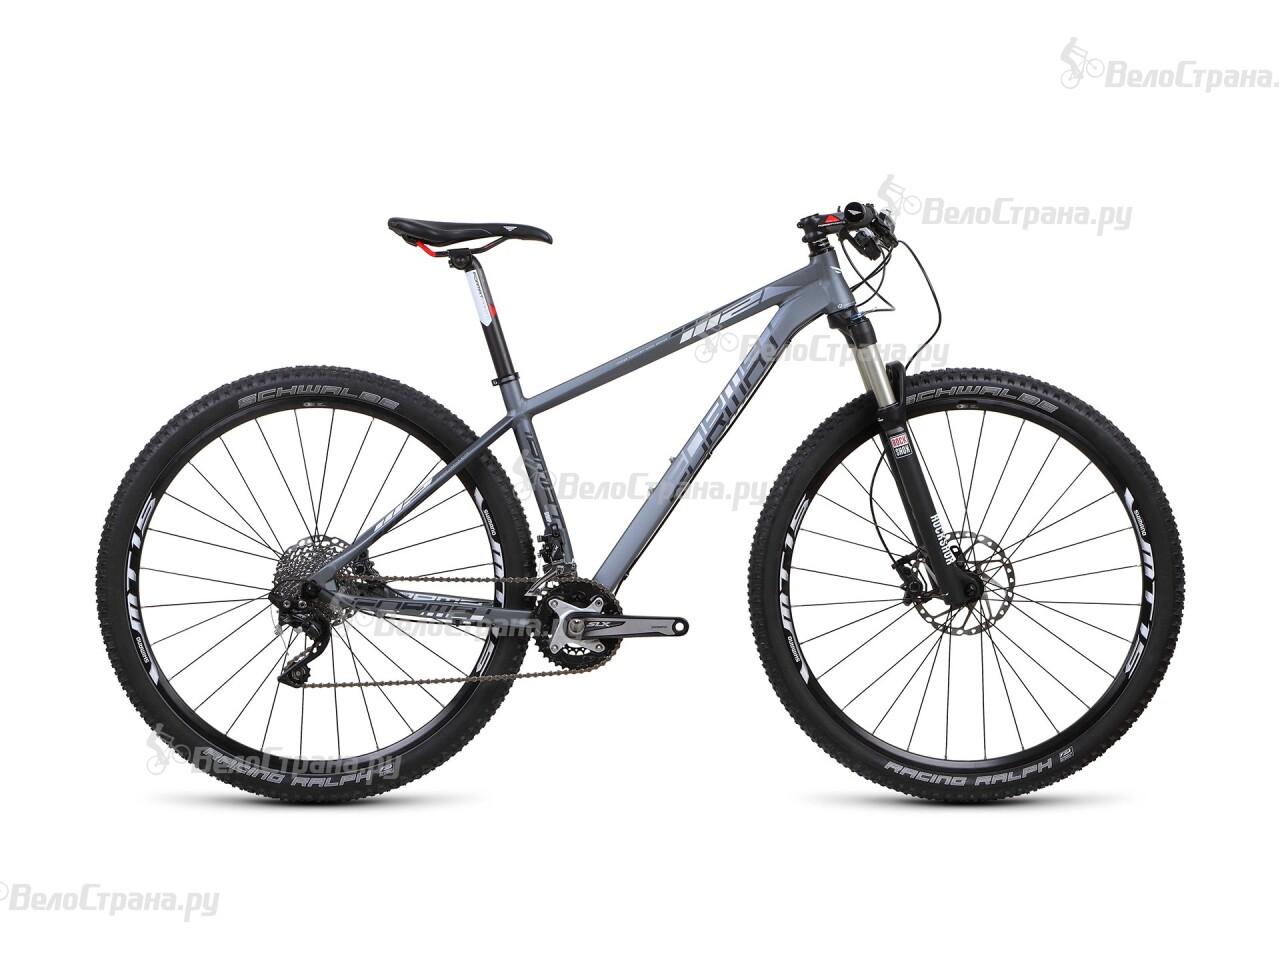 Велосипед Format 1112 Elite 29 (2016) цена